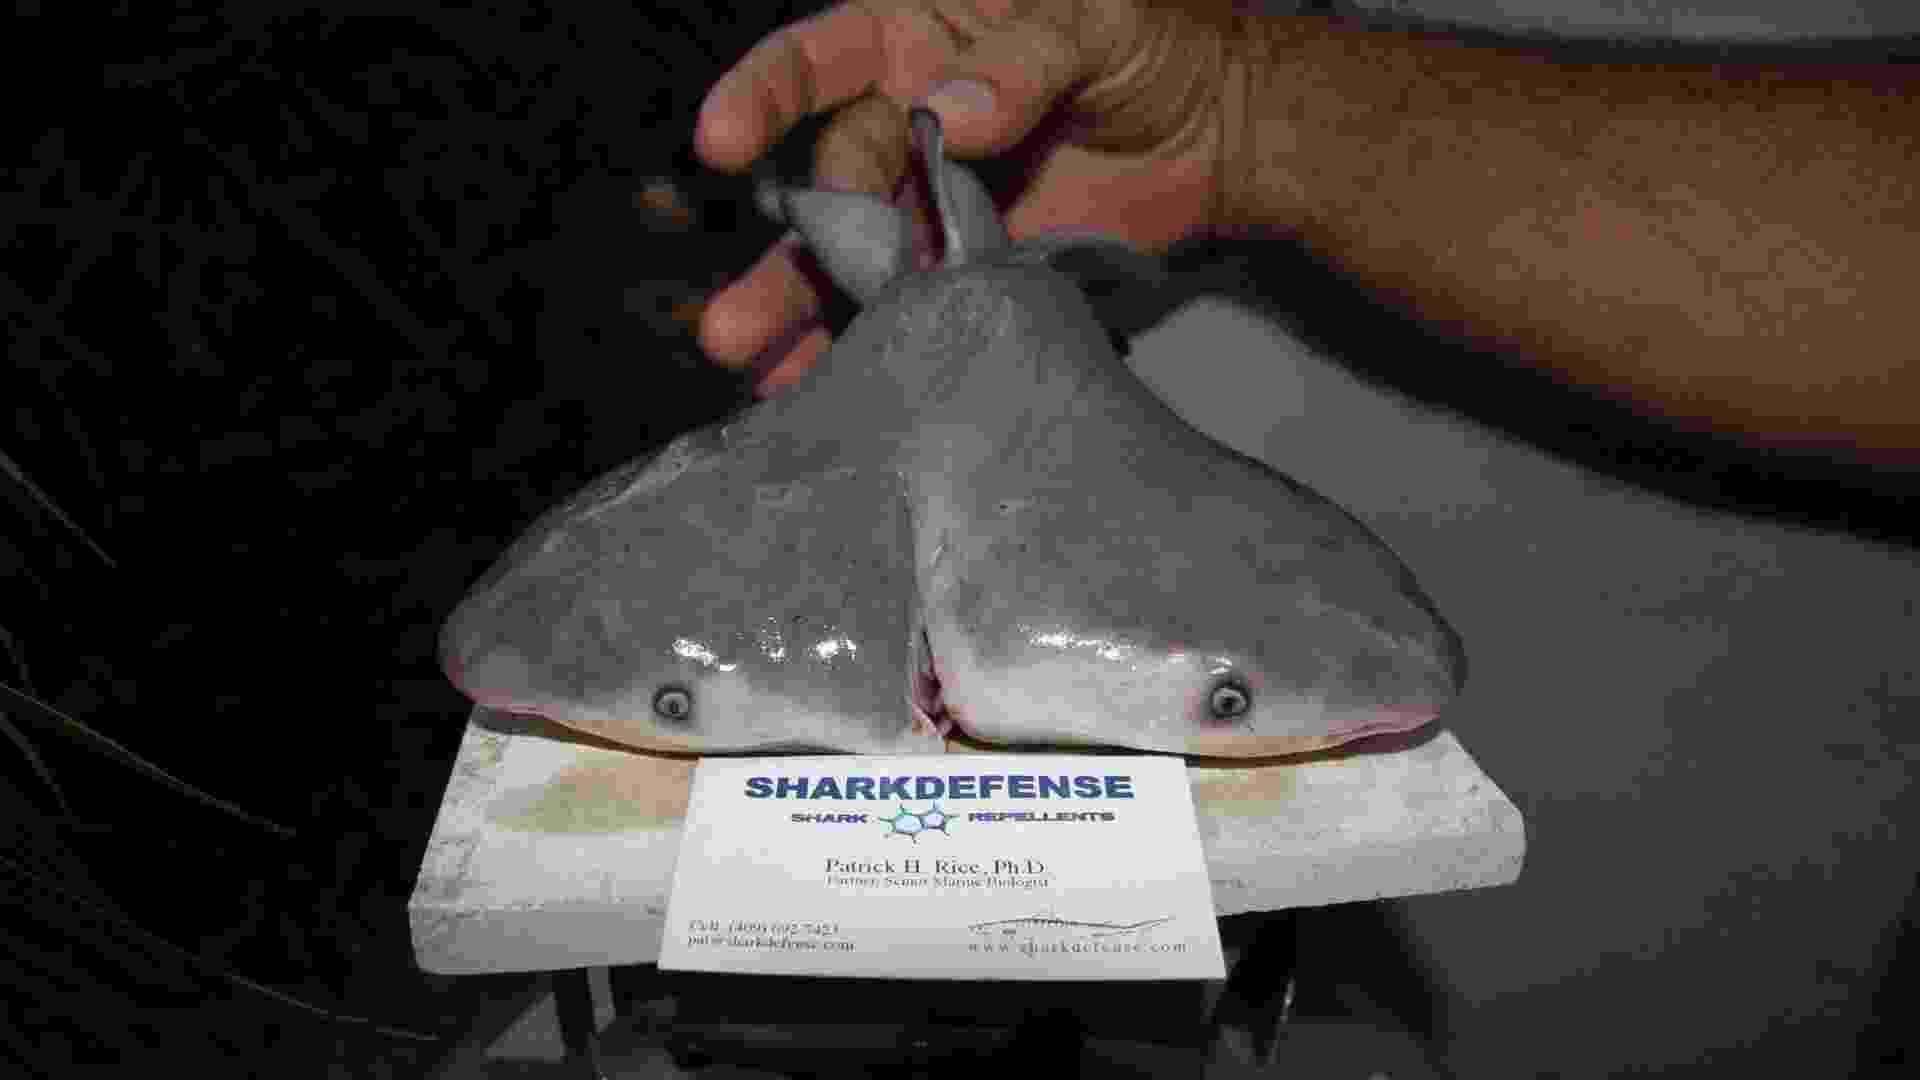 26.mar.2013 -Feto de tubarão touro com duas cabeças descoberto por um pescador no Golfo do México, nos EUA. O descobrimento foi há quase 2 anos, mas só agora a história foi publicada em um jornal, o Journal of Fish Biology, depois que cientistas da Universidade do Estado de Michigan (MSU) estudam o animal - EFE/Patrick Rice/Shark Defense/Florida Keys Community College